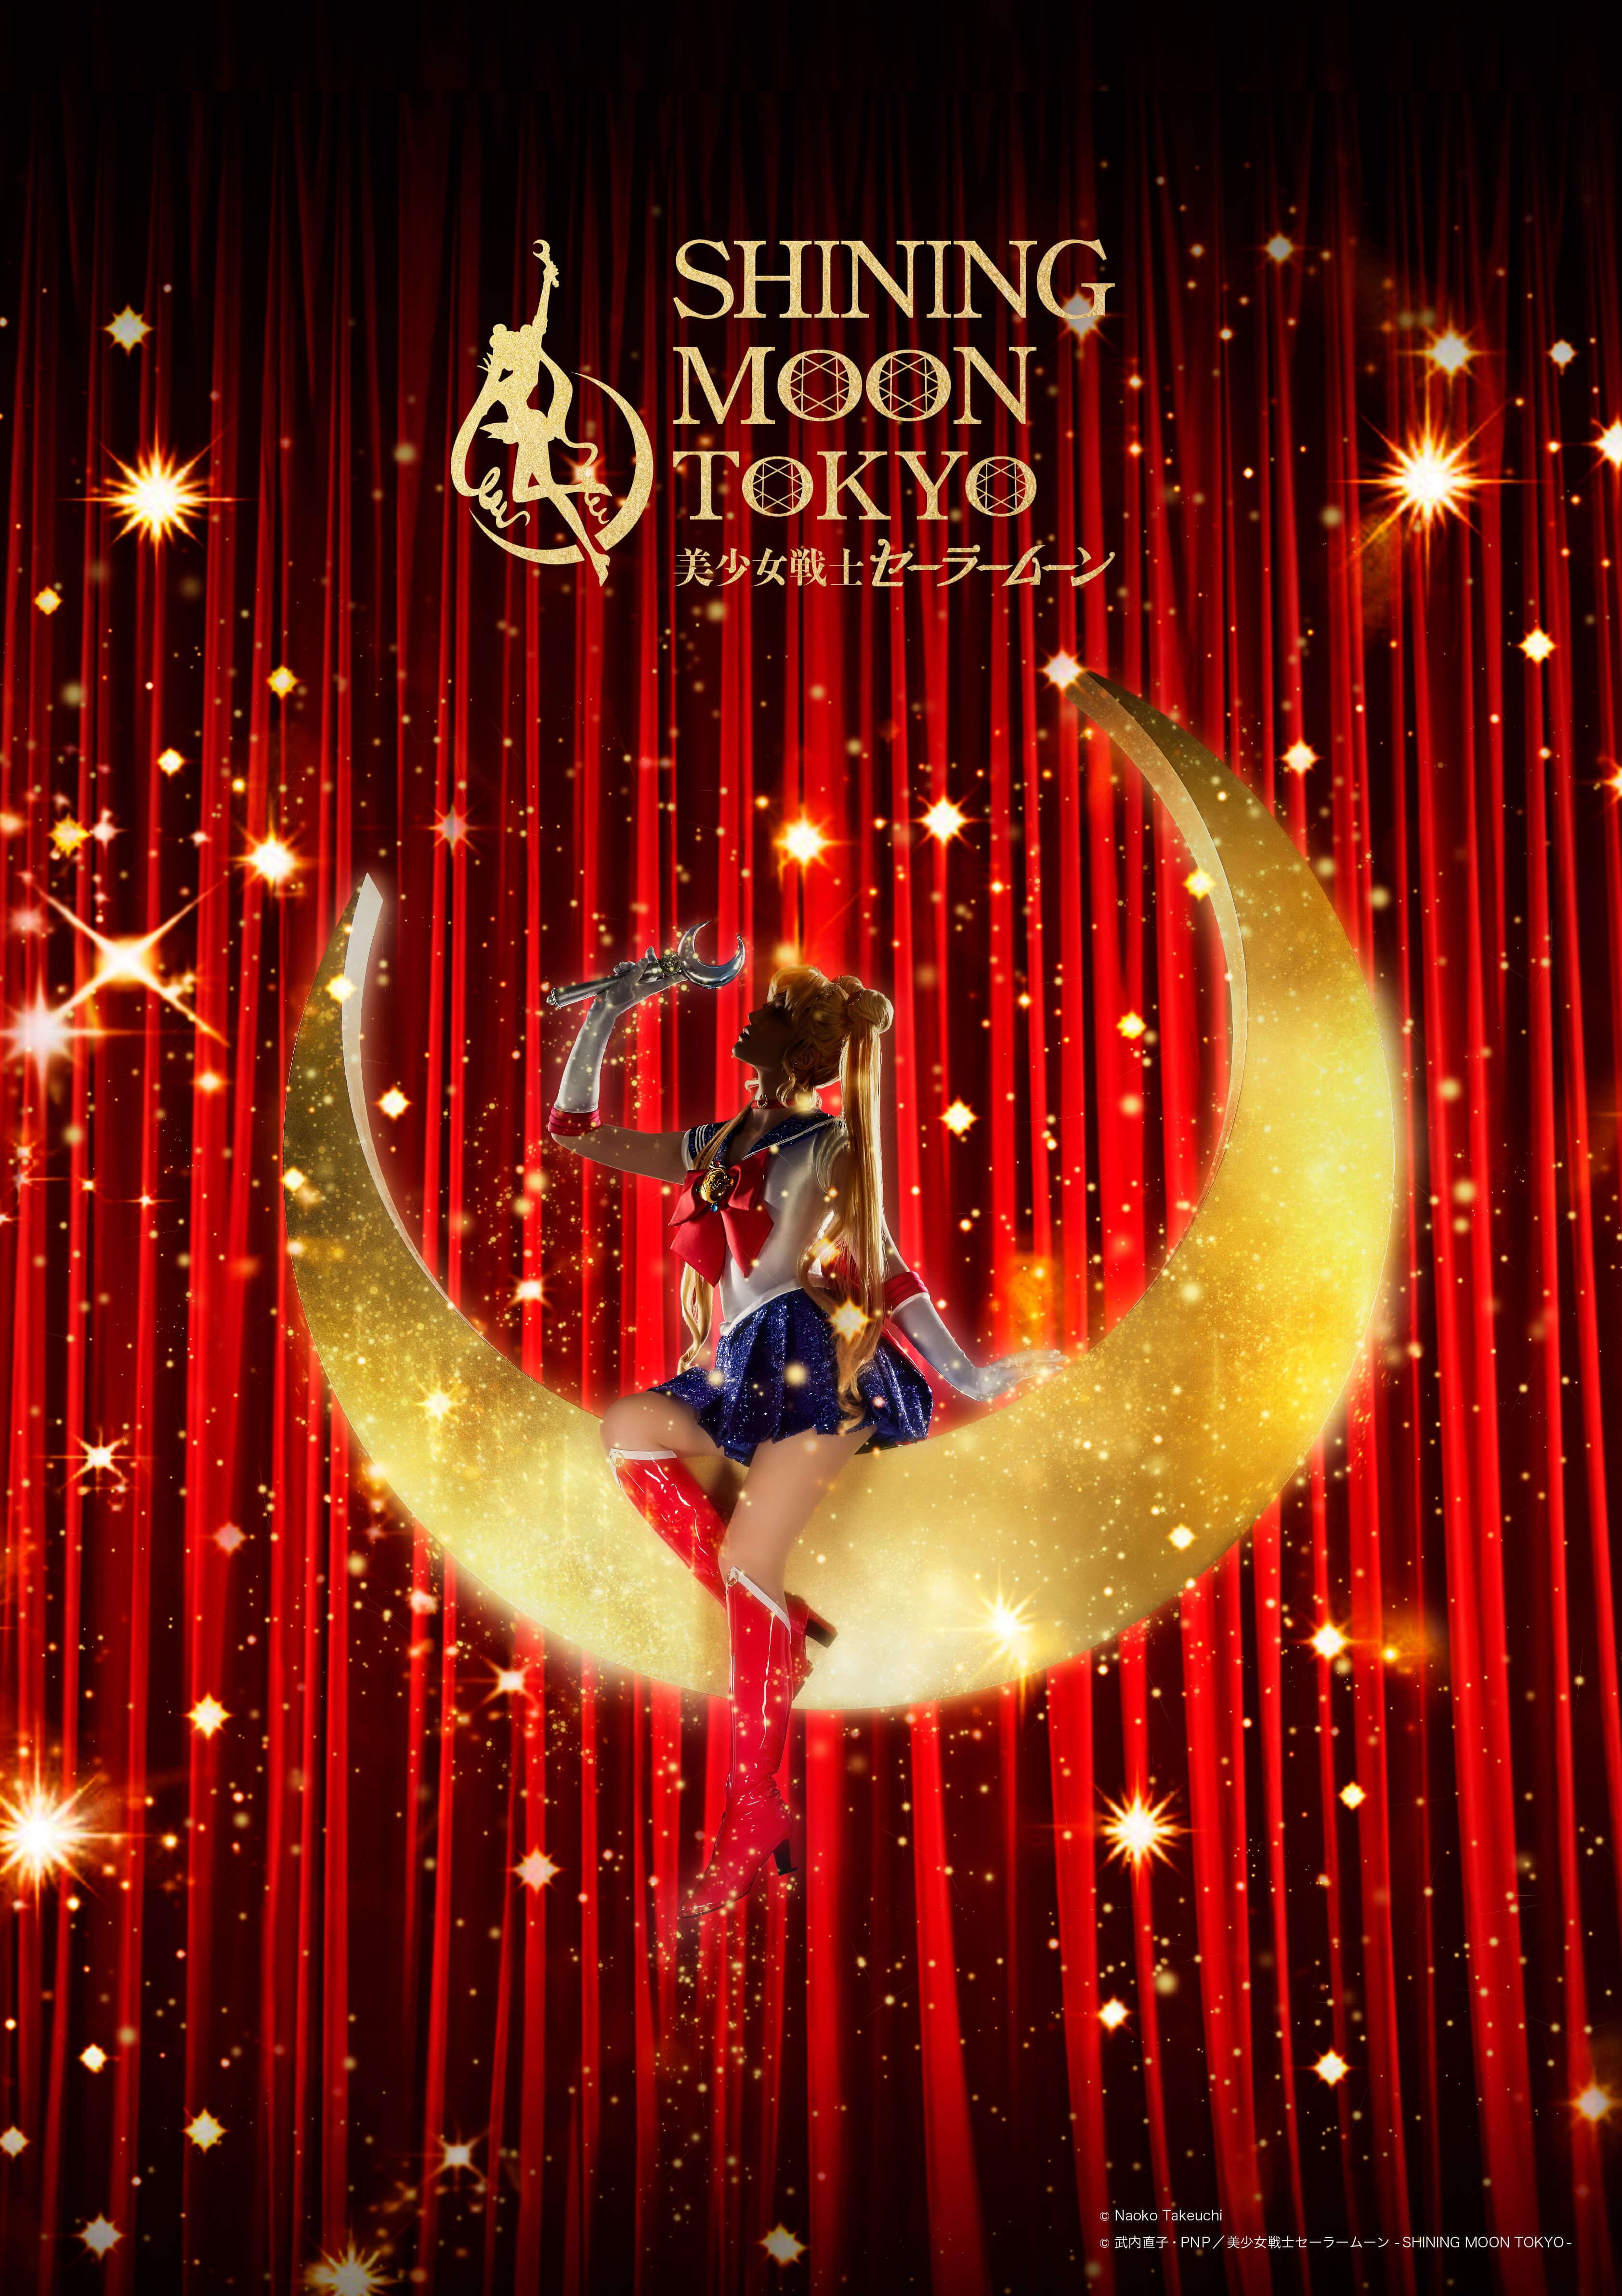 %e7%be%8e%e5%b0%91%e5%a5%b3%e6%88%a6%e5%a3%ab-%e3%82%bb%e3%83%bc%e3%83%a9%e3%83%bc%e3%83%a0%e3%83%bc%e3%83%b3-shining-moon-tokyo-sailor-moon-2-2